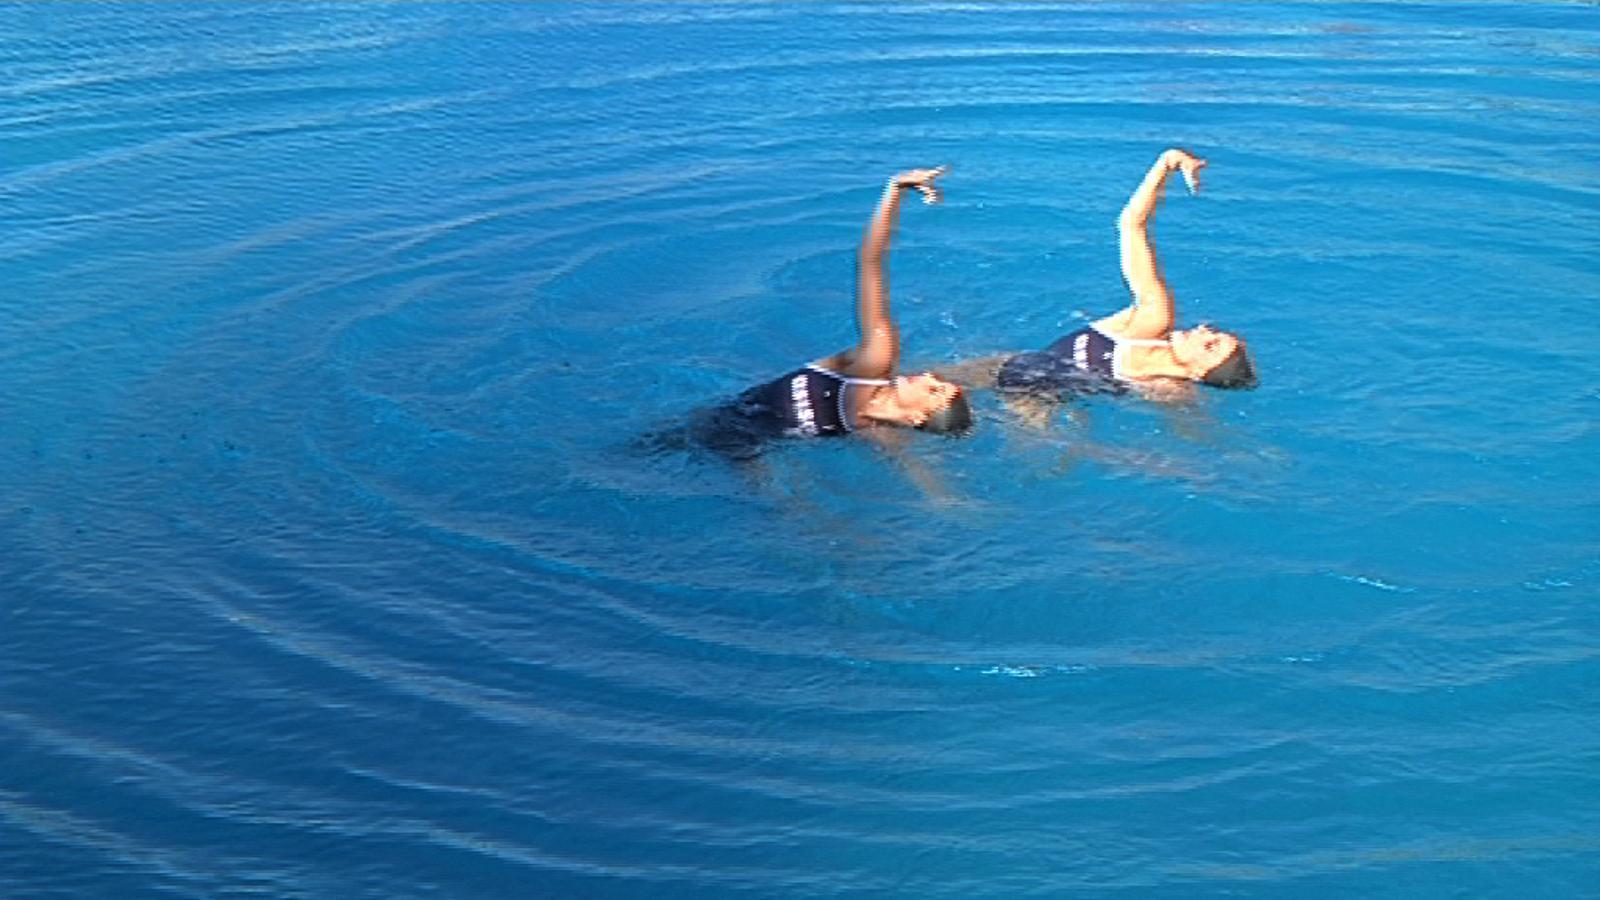 La coreografia d'Andrea Fuentes i Ona Carbonell per als Jocs Olímpics de Londres en categoria duo